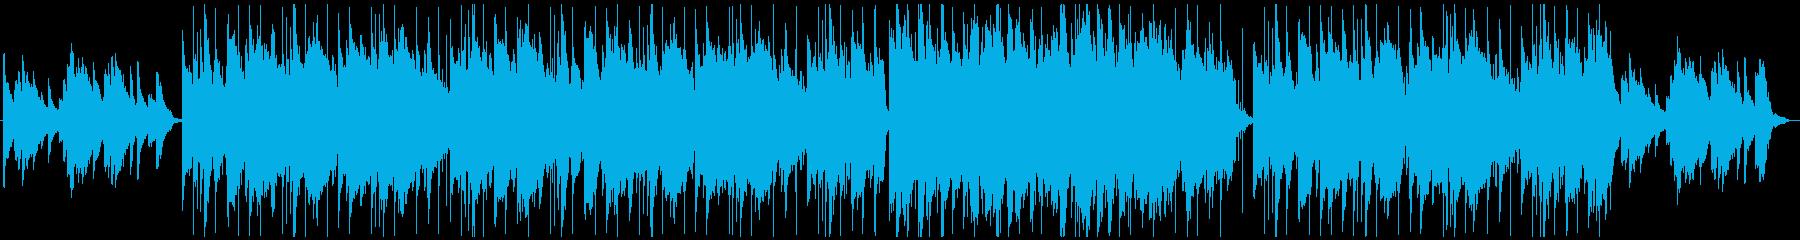 悲しめ,切なめな曲の再生済みの波形